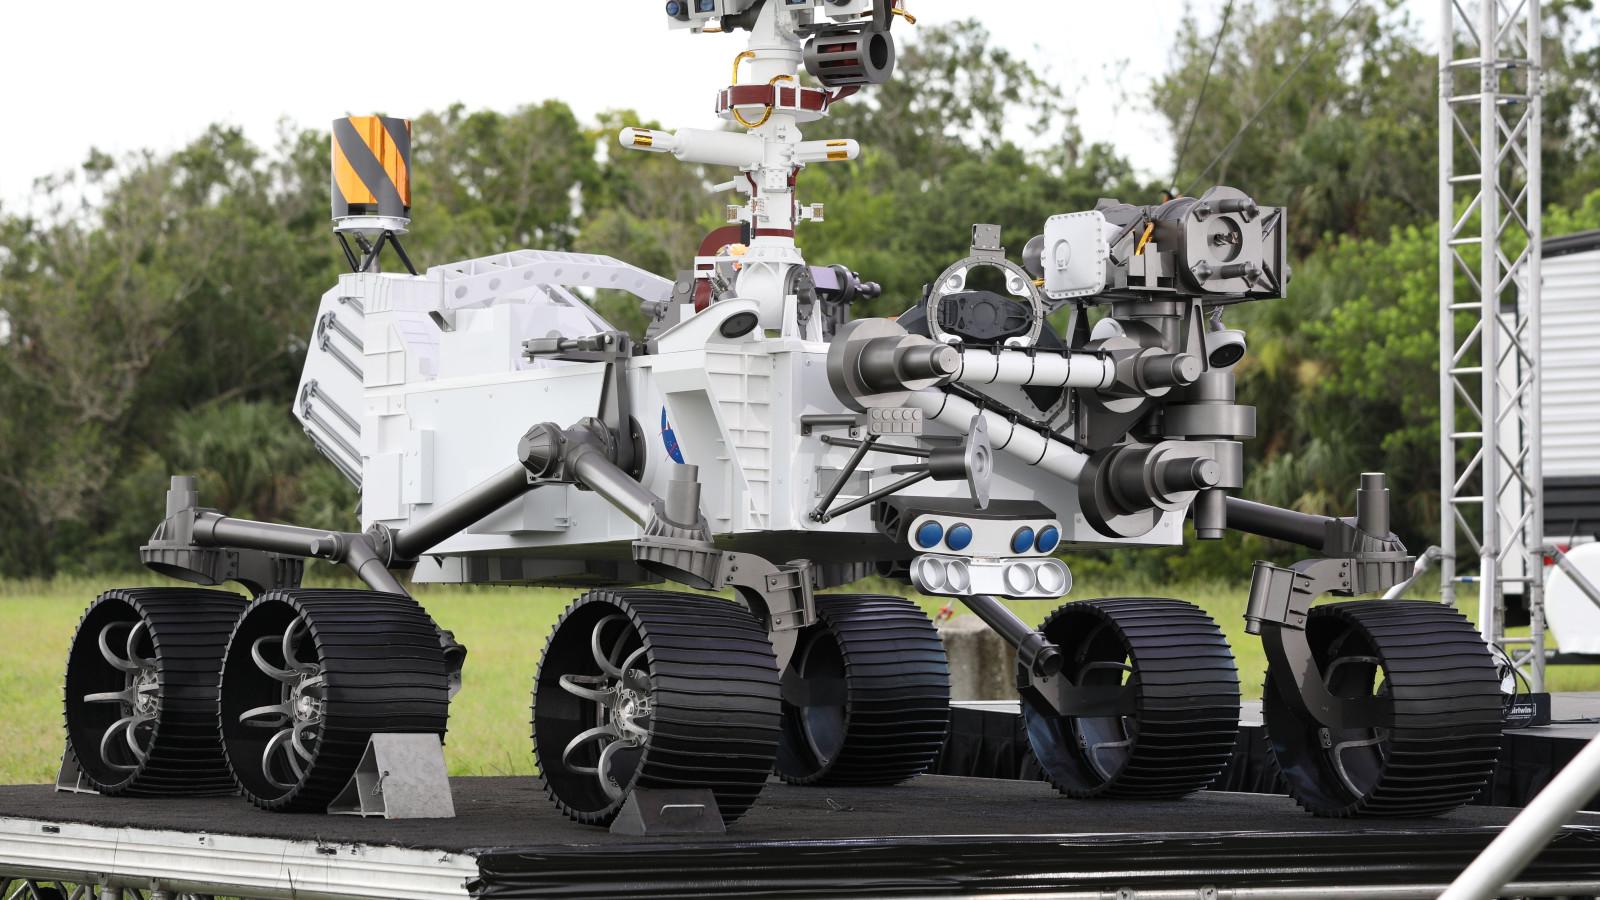 Der Mars-Rover der NASA besitzt den gleichen Prozessor wie ein Apple iMac.